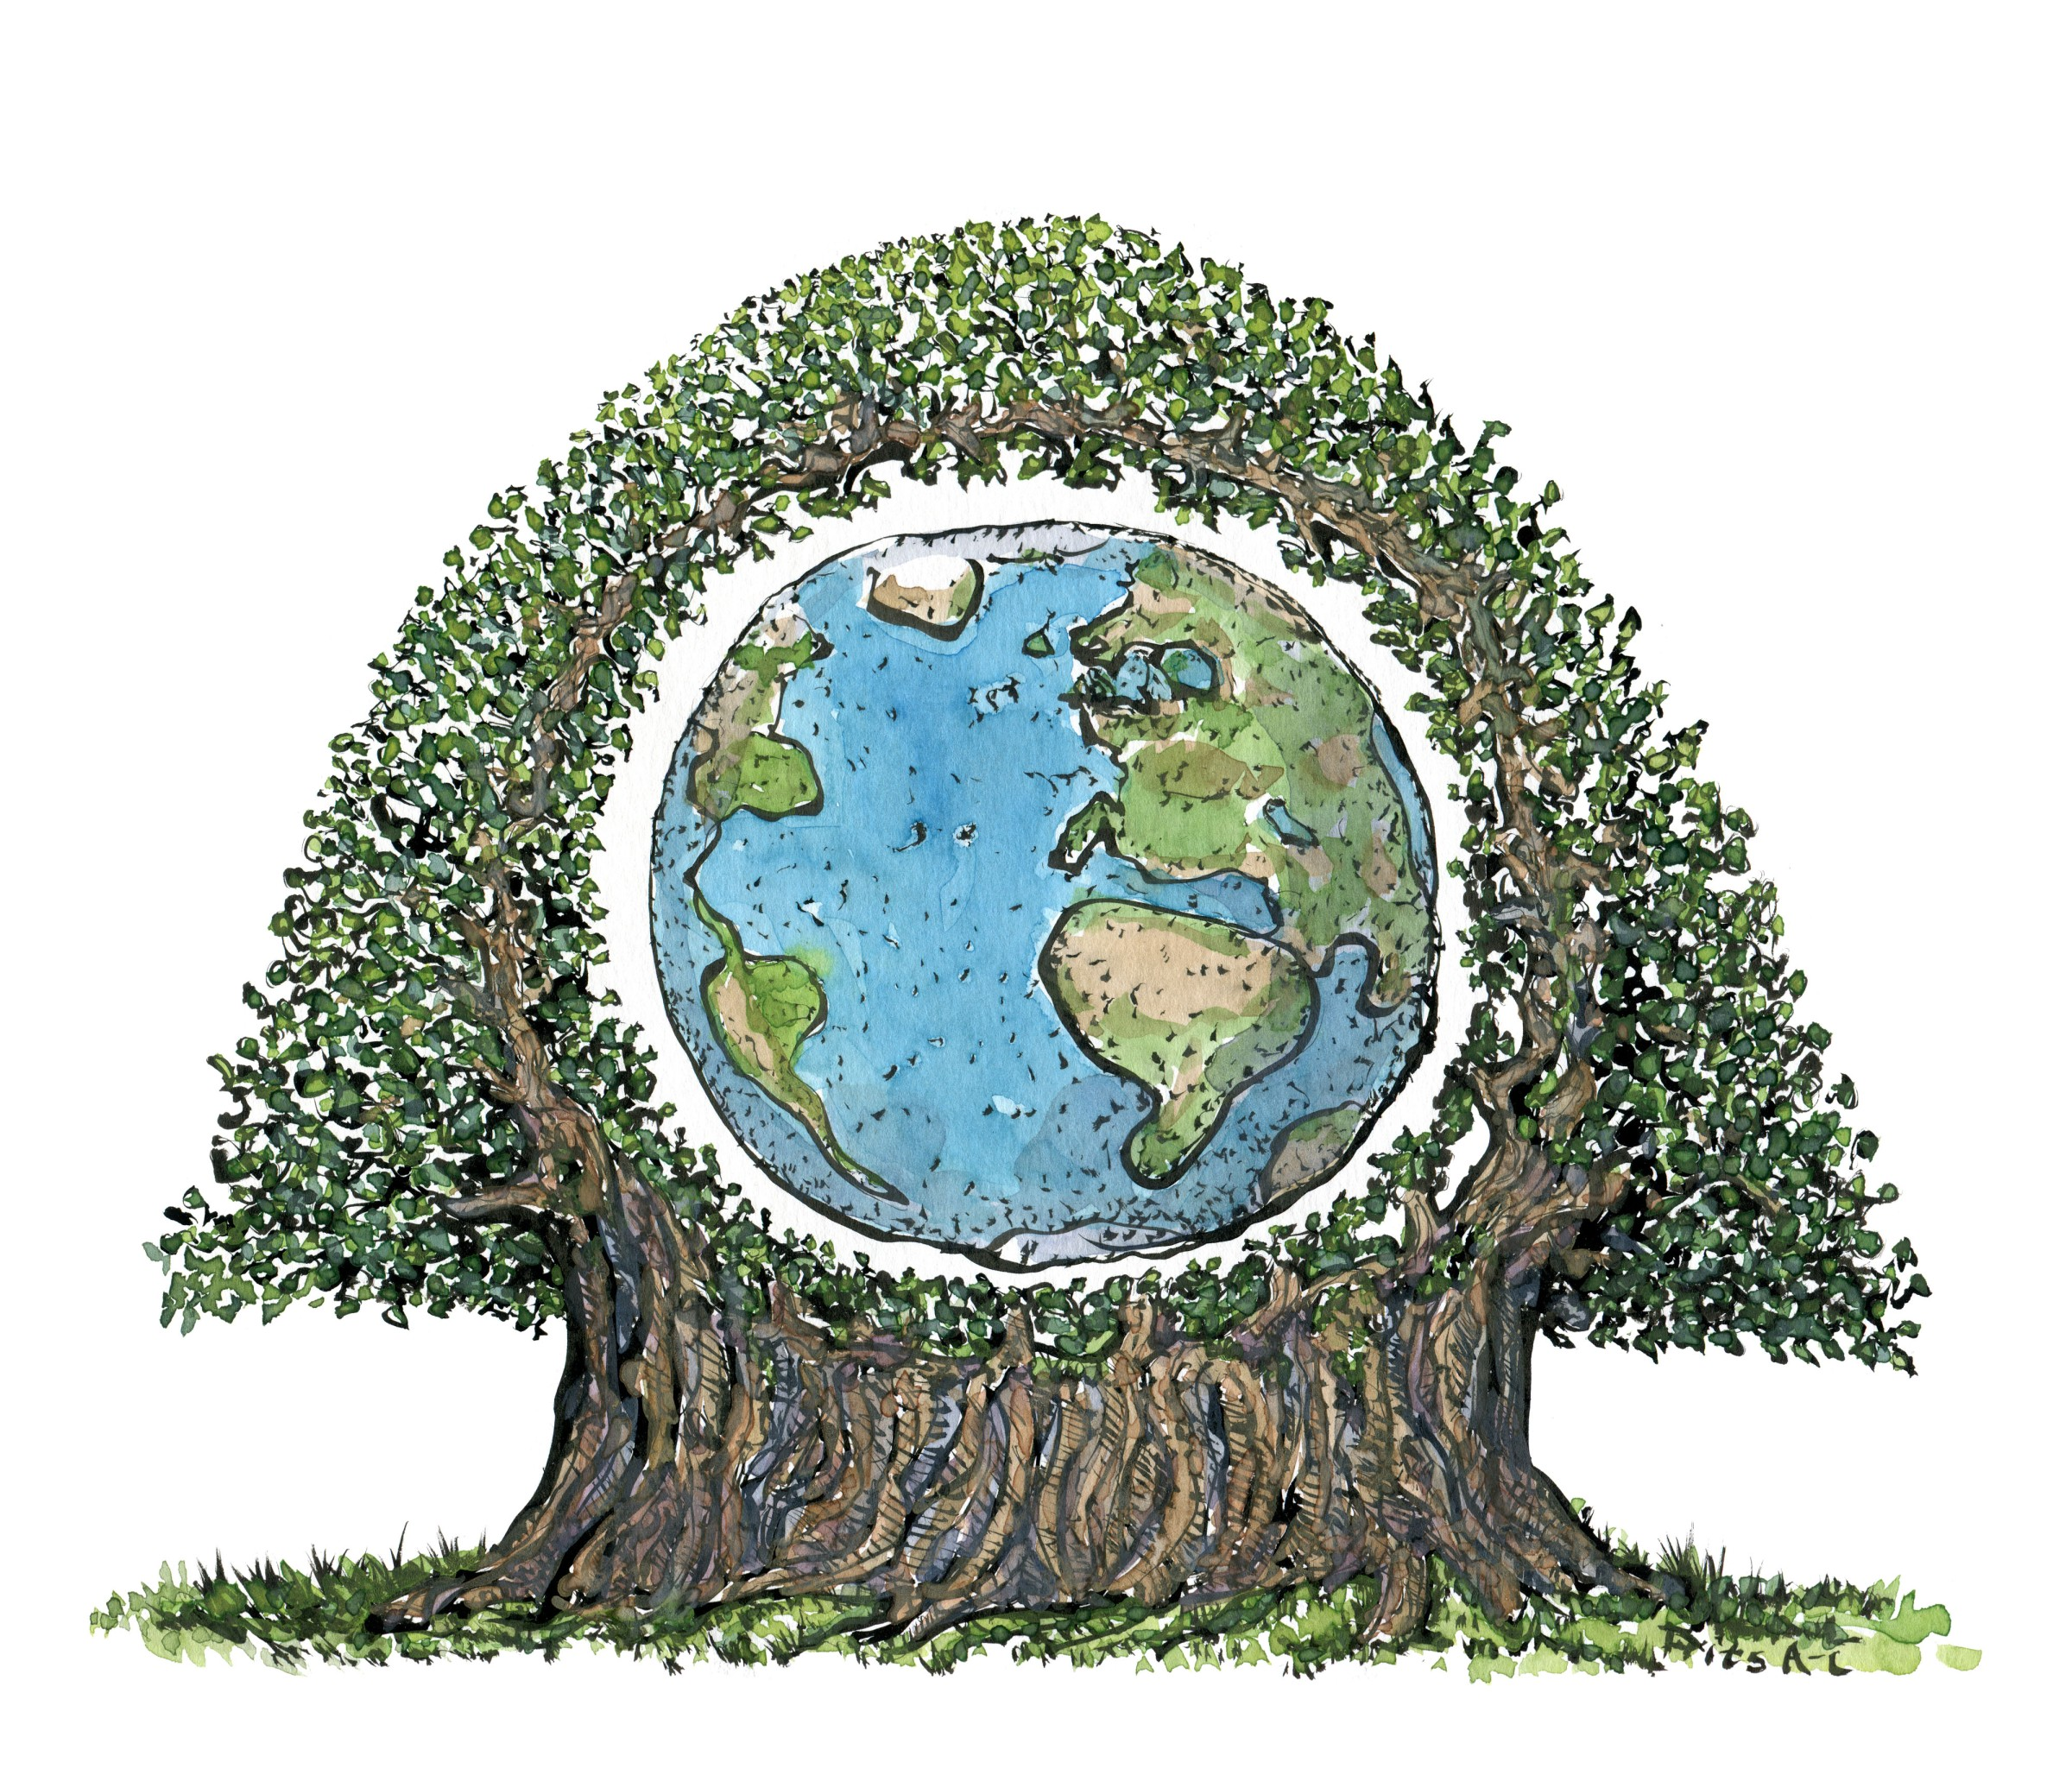 Tegning af jorden inde i et træ. Illustration Frits Ahlefeldt